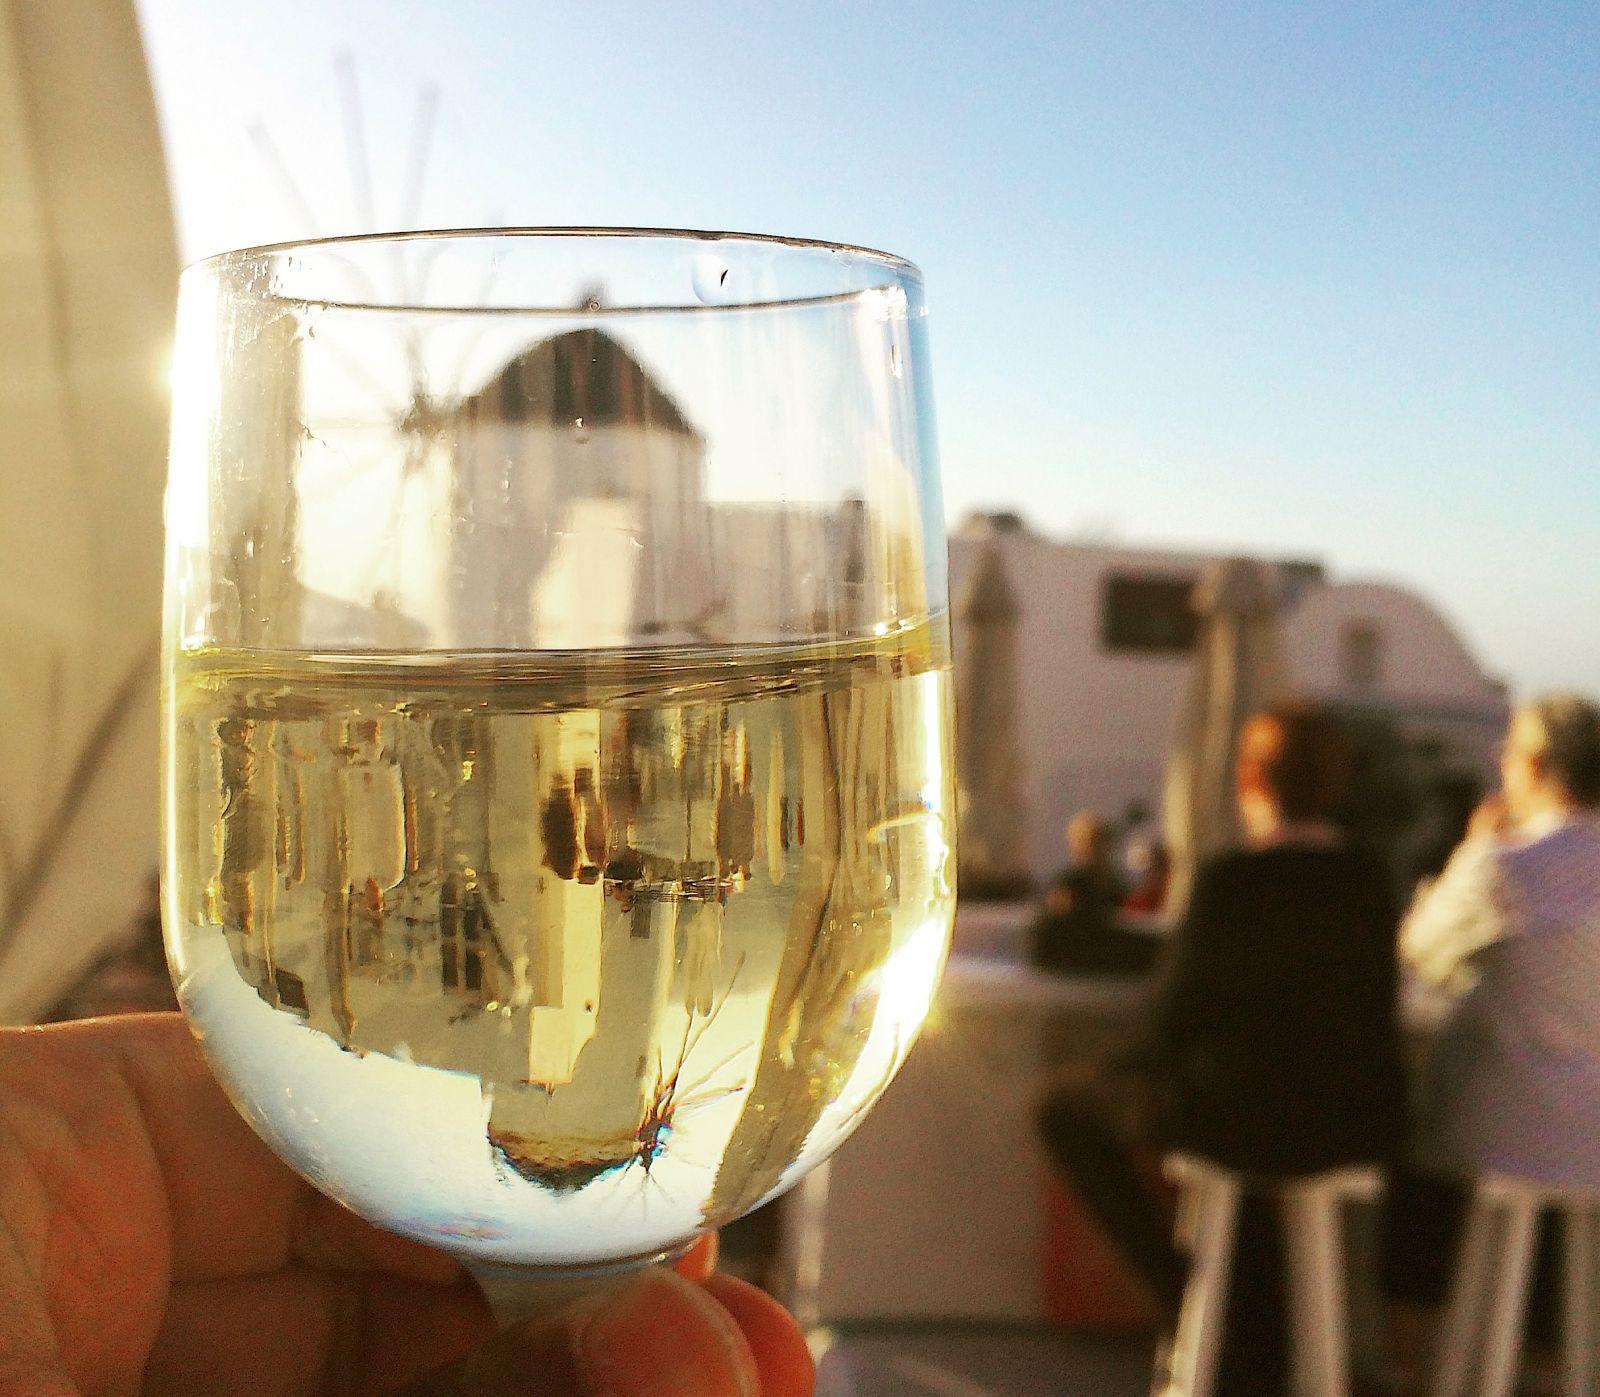 santorini-wine-glass-sun-spirit